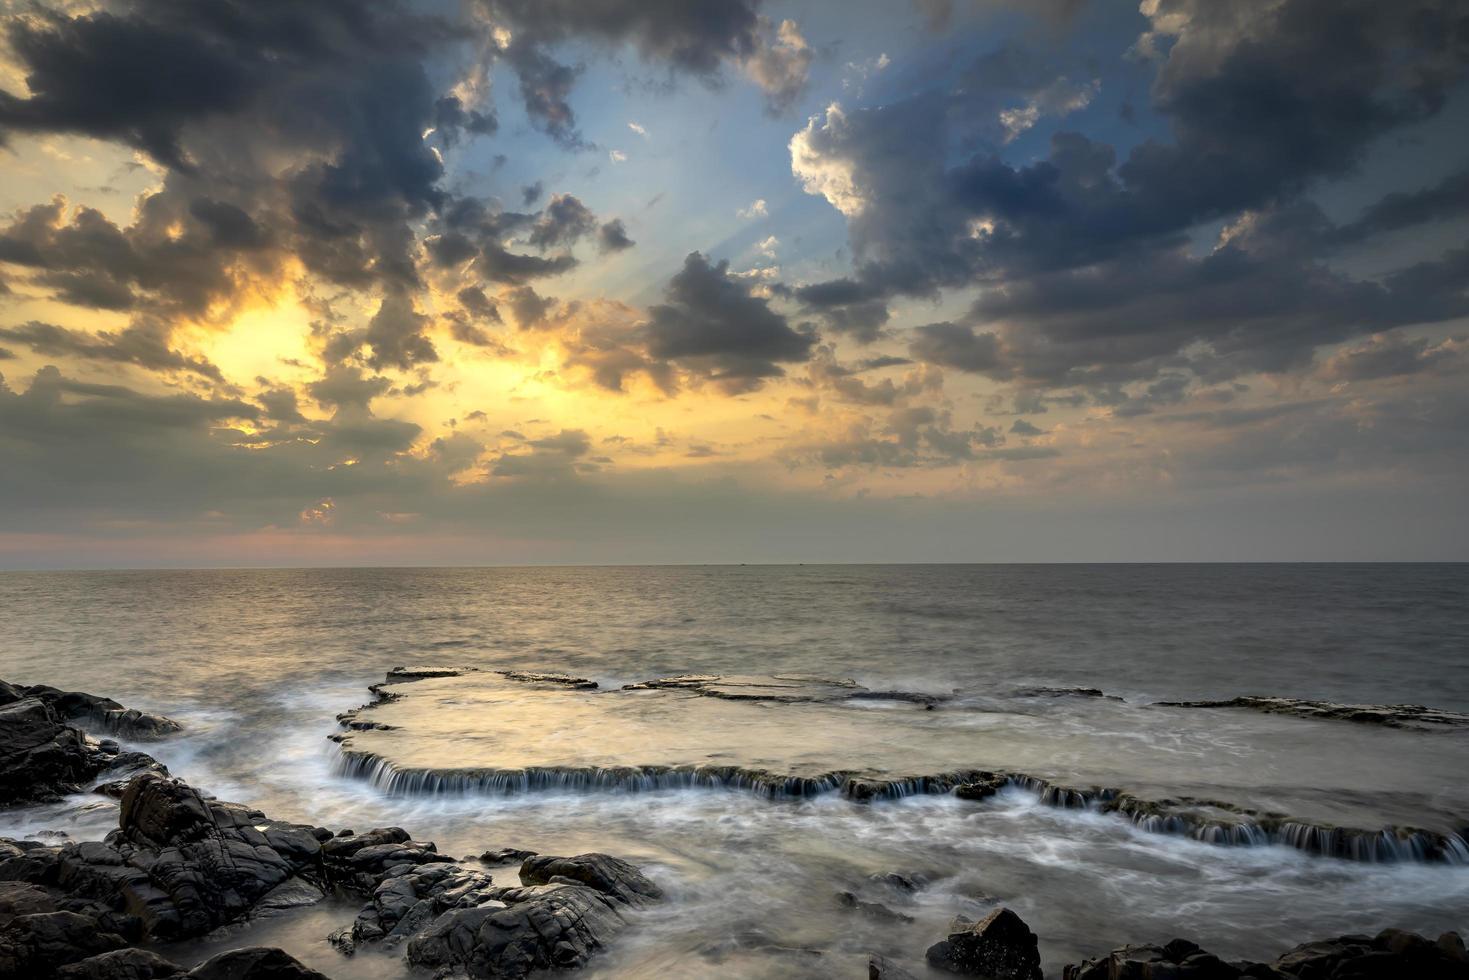 tramonto in spiaggia foto